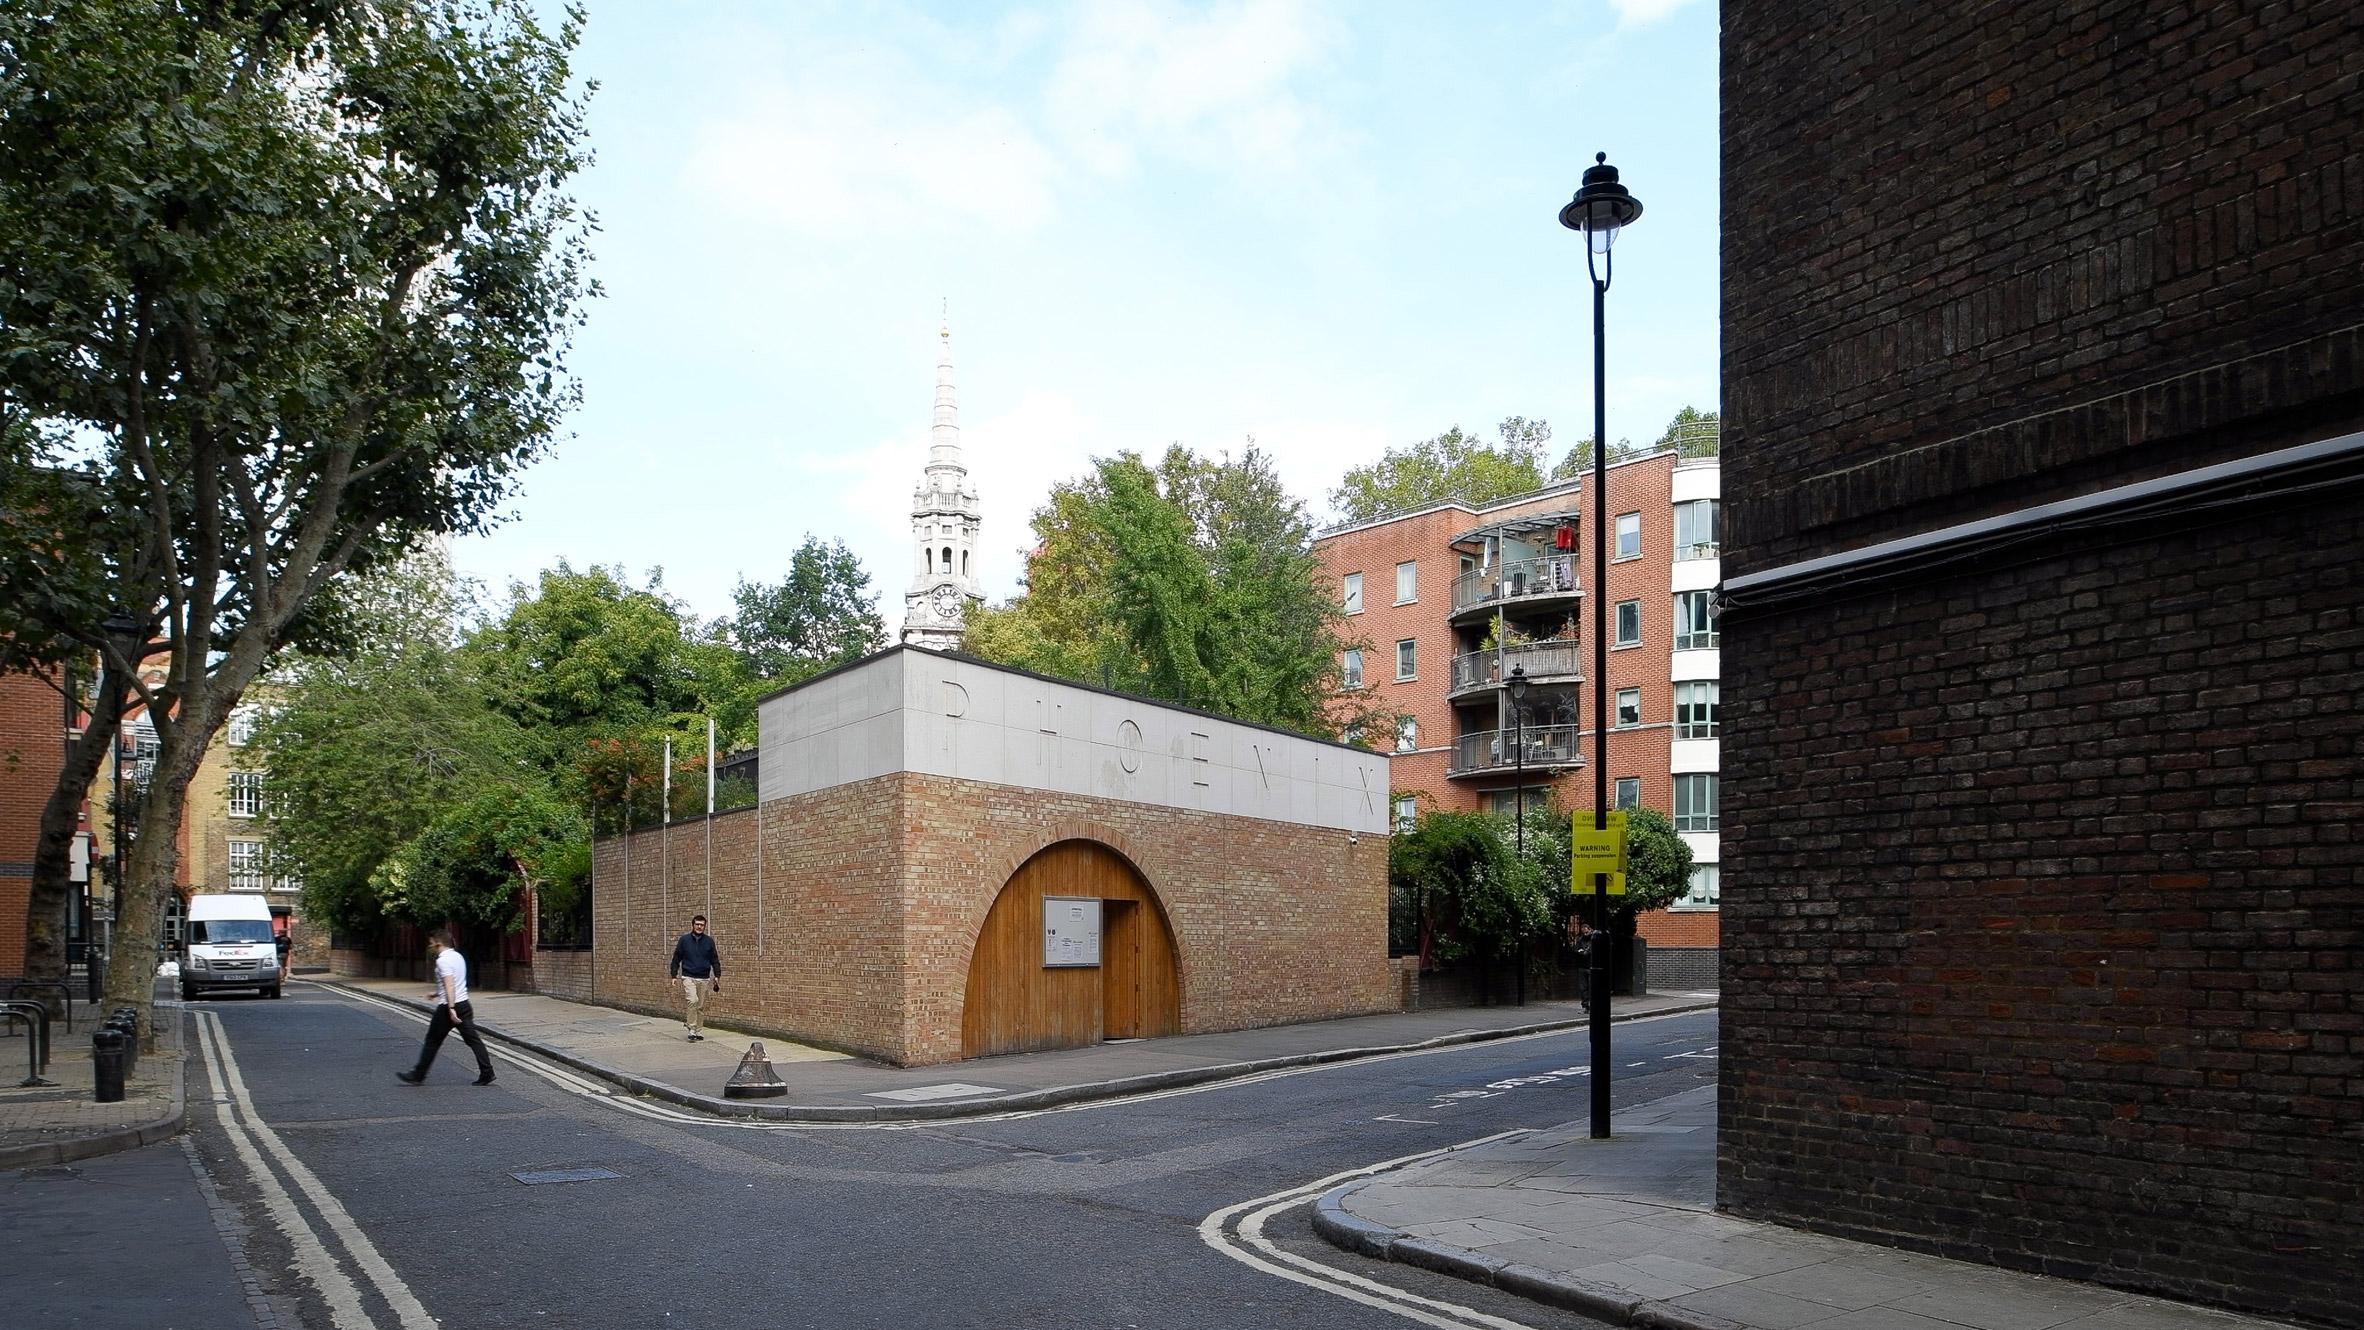 The Phoenix Garden community building in west London by Office Sian